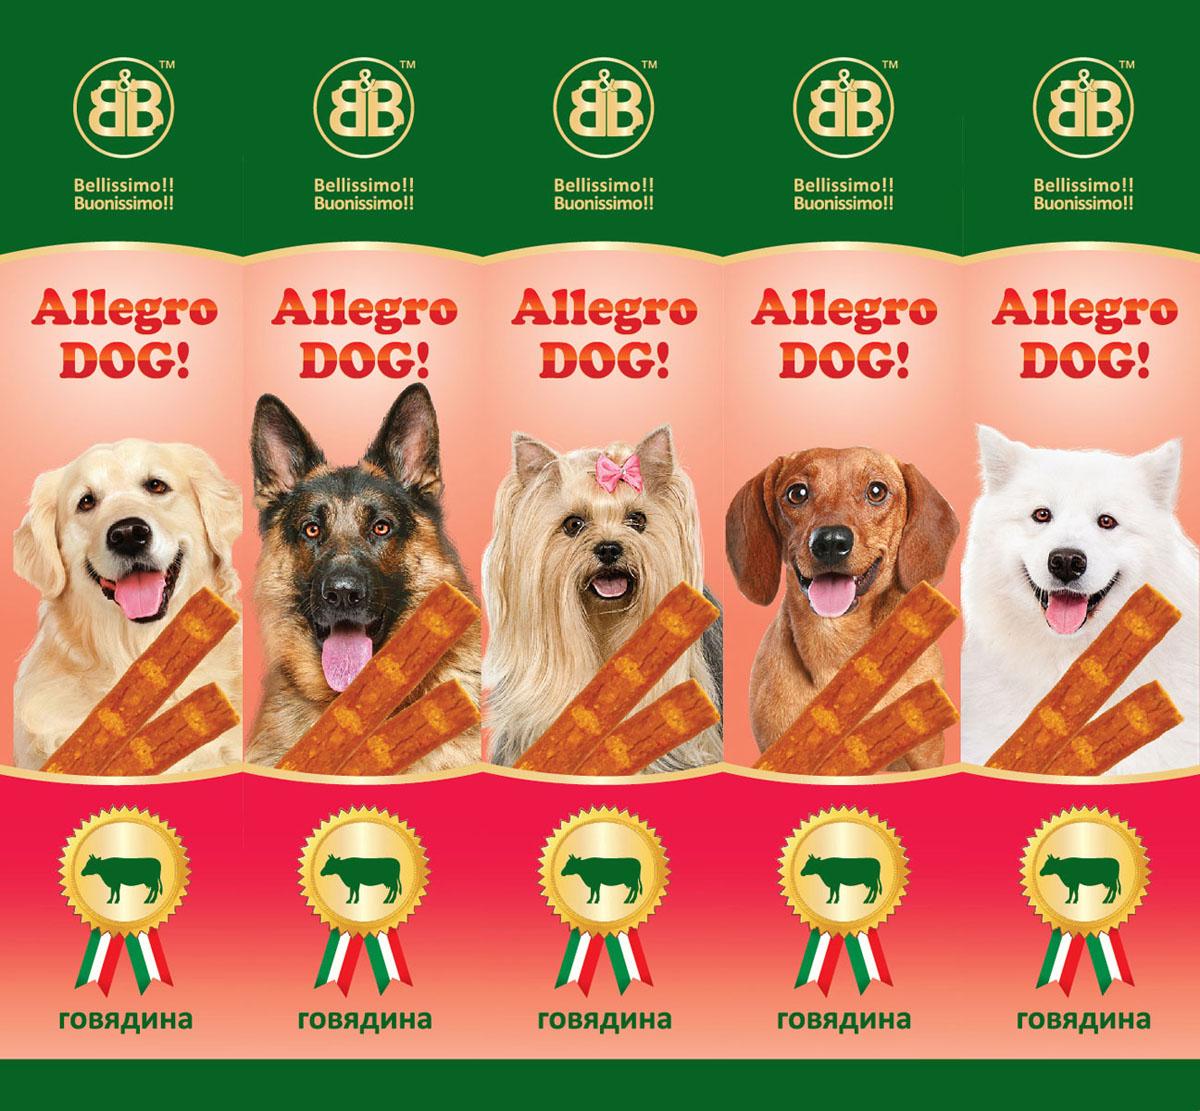 Лакомство для собак B&B Колбаски Allegro Dog, говядина, 5х10 г лакомство для собак b